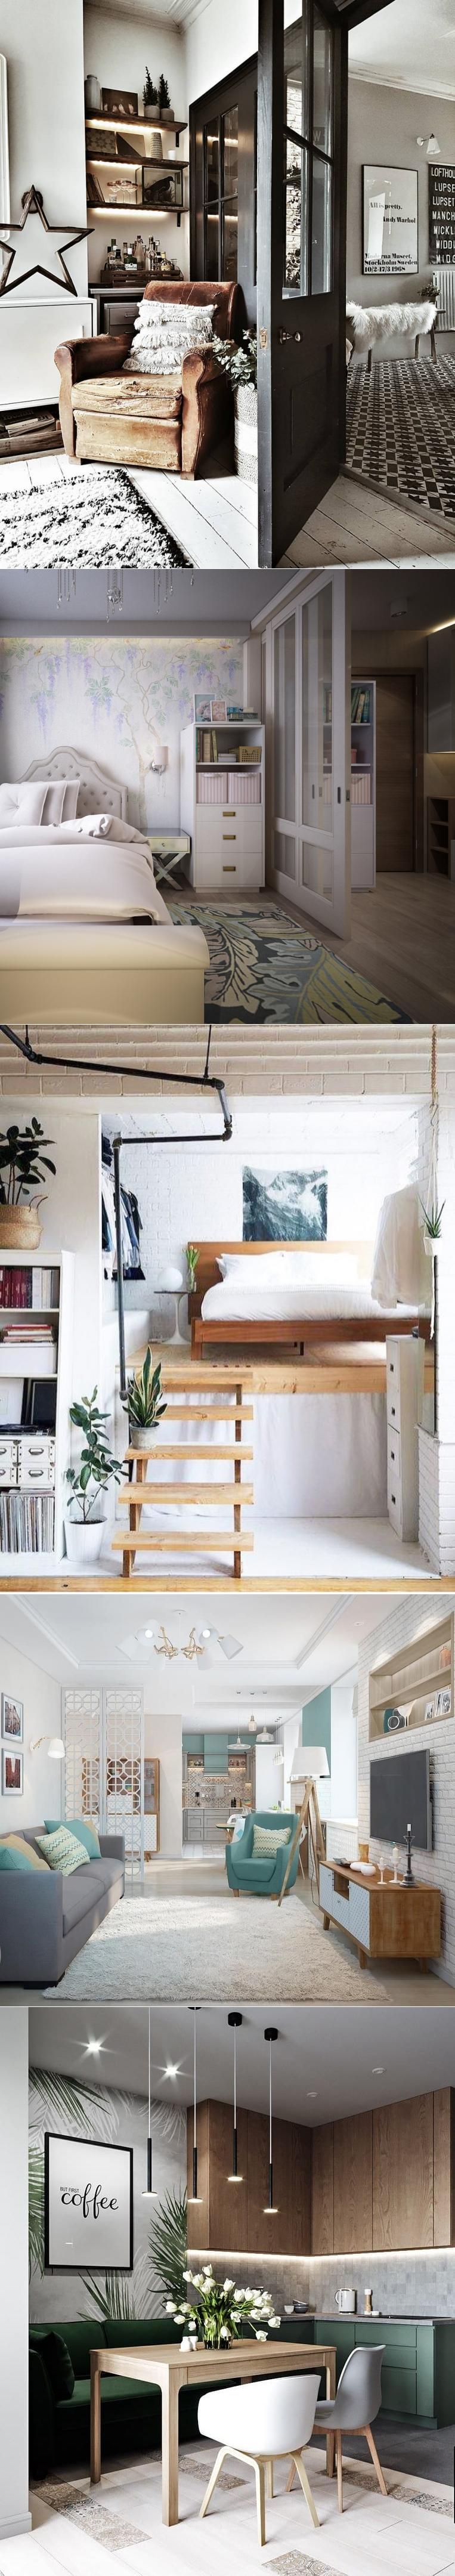 Гостиная спальня в одной комнате: интерьер, разделение зон